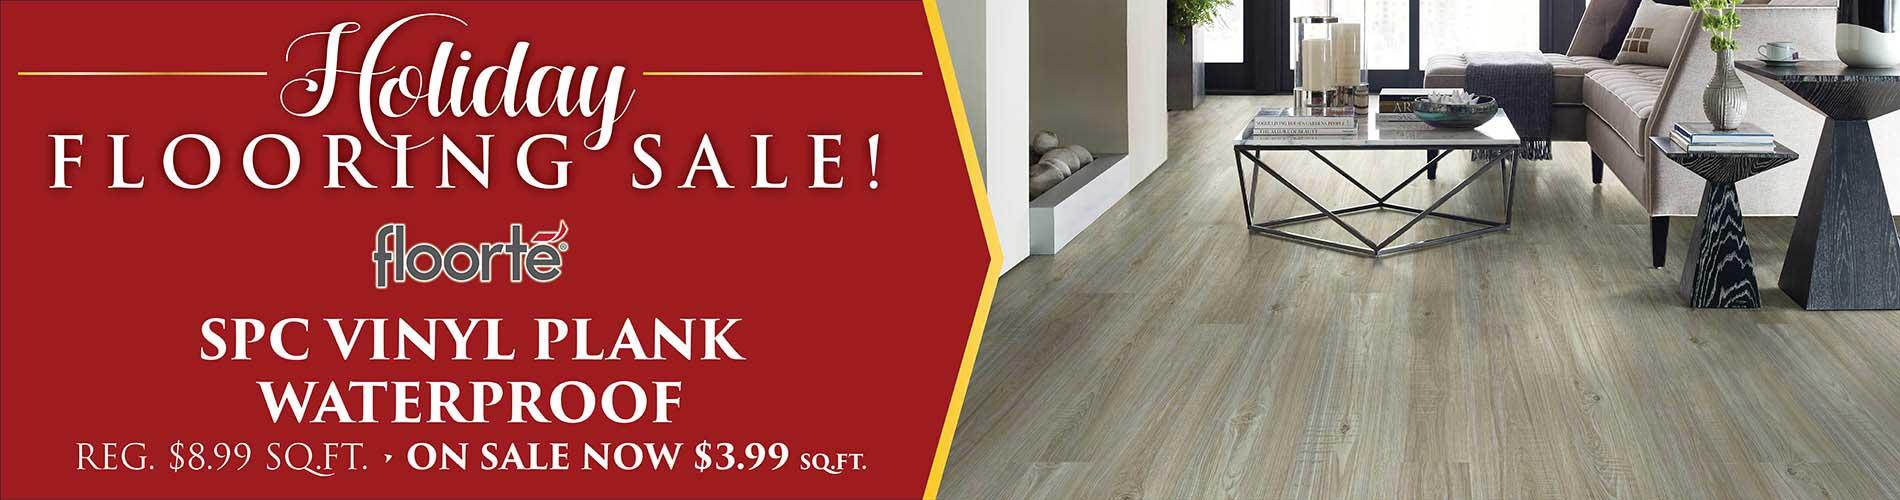 Floorte SPC Vinyl Plank Waterproof Flooring starting at $3.99 sq.ft. during our Holiday Flooring Sale at Fine Floorz in Walnut Creek, CA